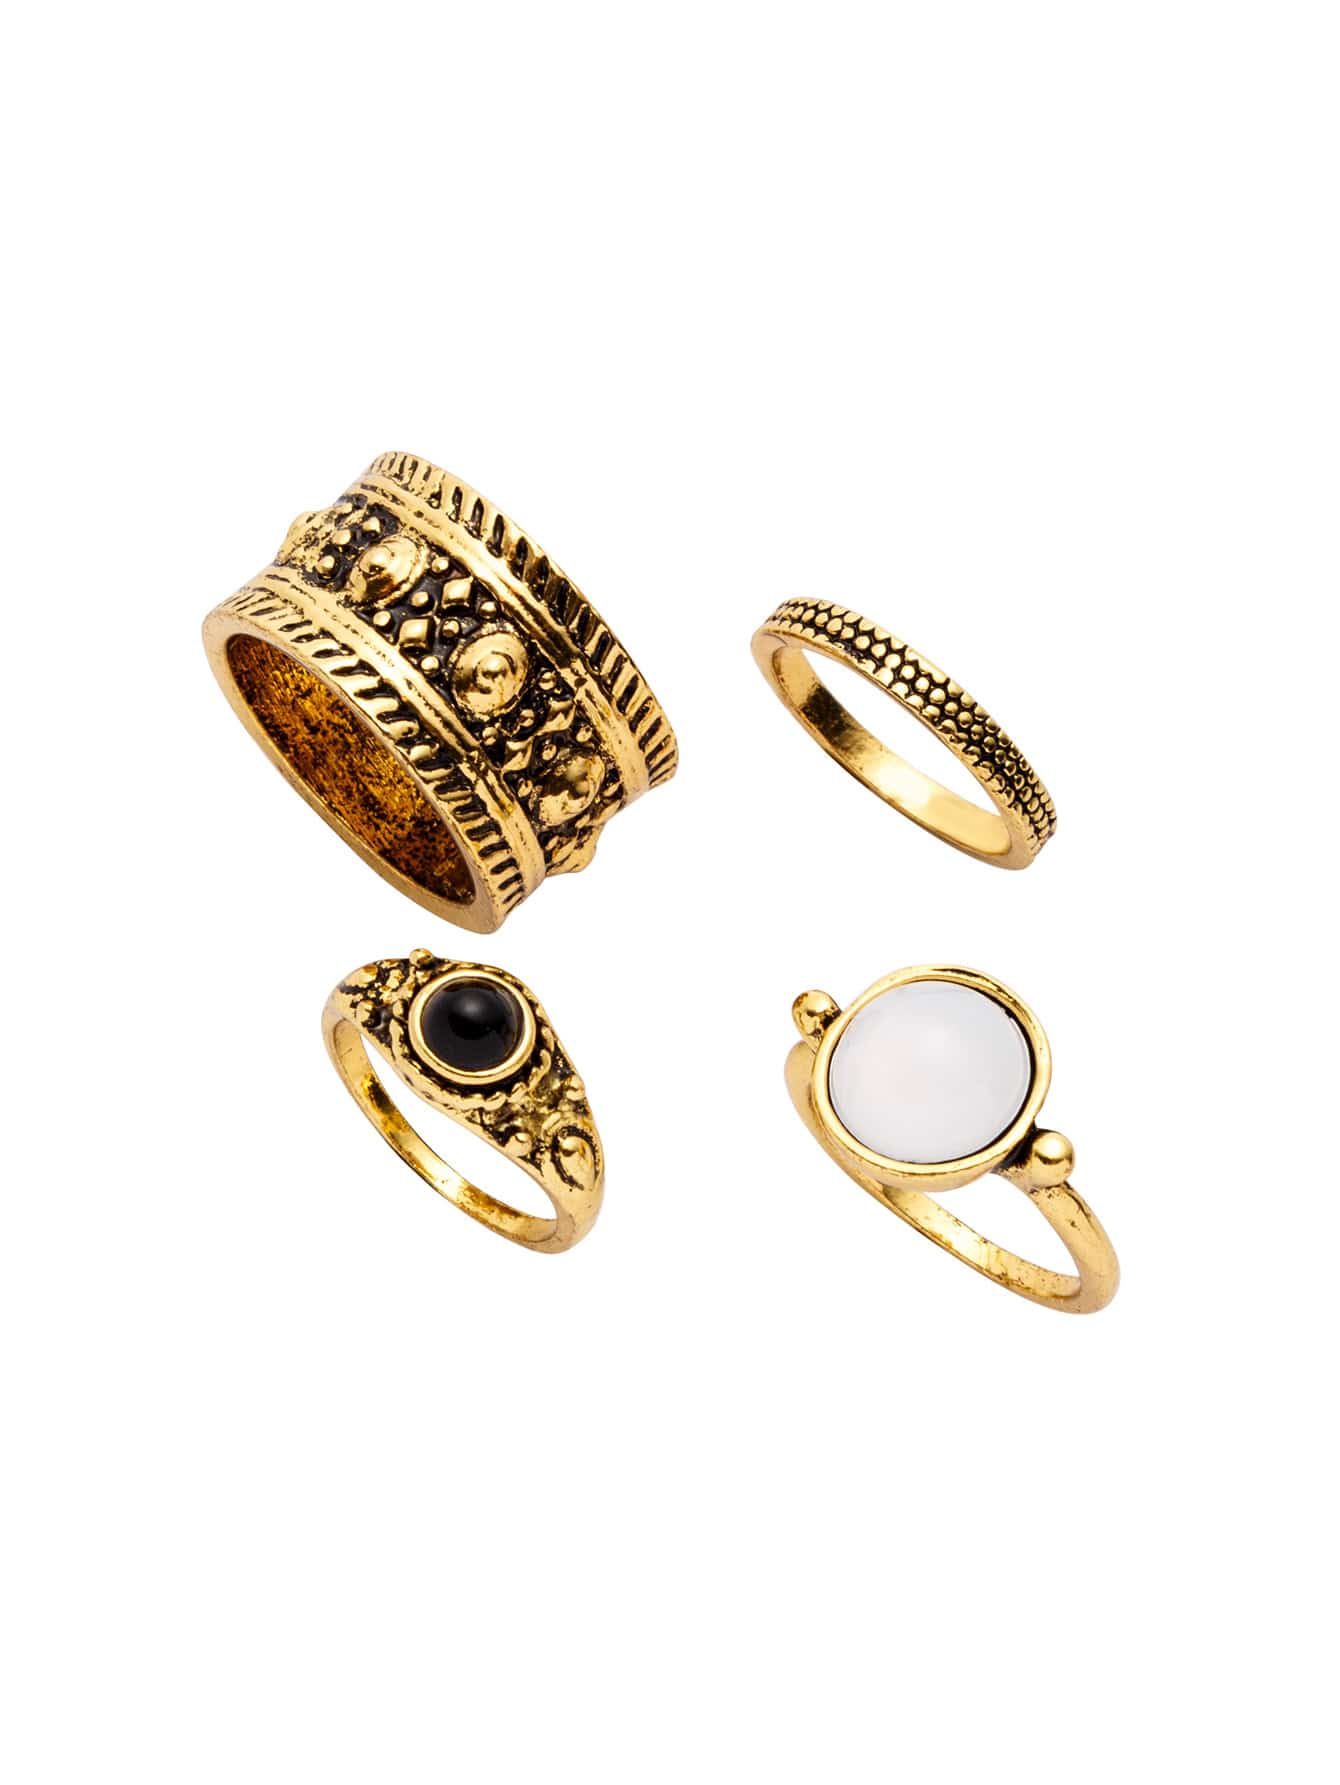 Фото 4PCS Antique Gold Plated Vintage Carved Ring Set. Купить с доставкой